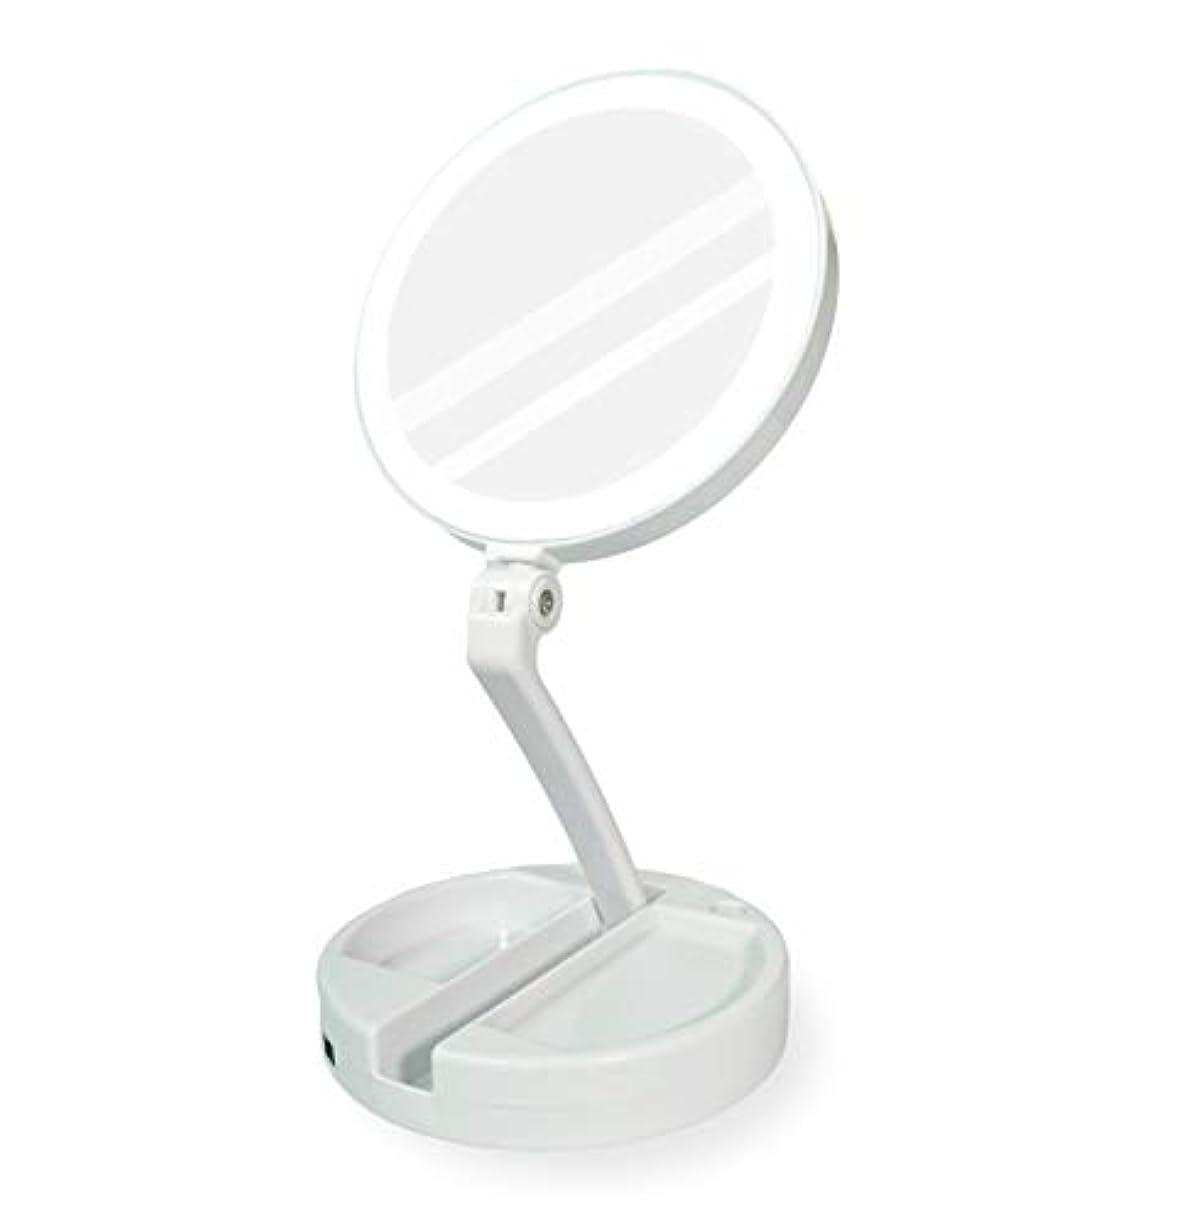 ツーリスト民主党天YEEZEN 両面拡大鏡 等倍と10倍拡大 化粧 無段調光 卓上鏡 ライト付き拡大鏡 化粧鏡 ライトつきミラー 折りたたみ式 360°回転 収納しやすい 鏡 led 拡大ミラー